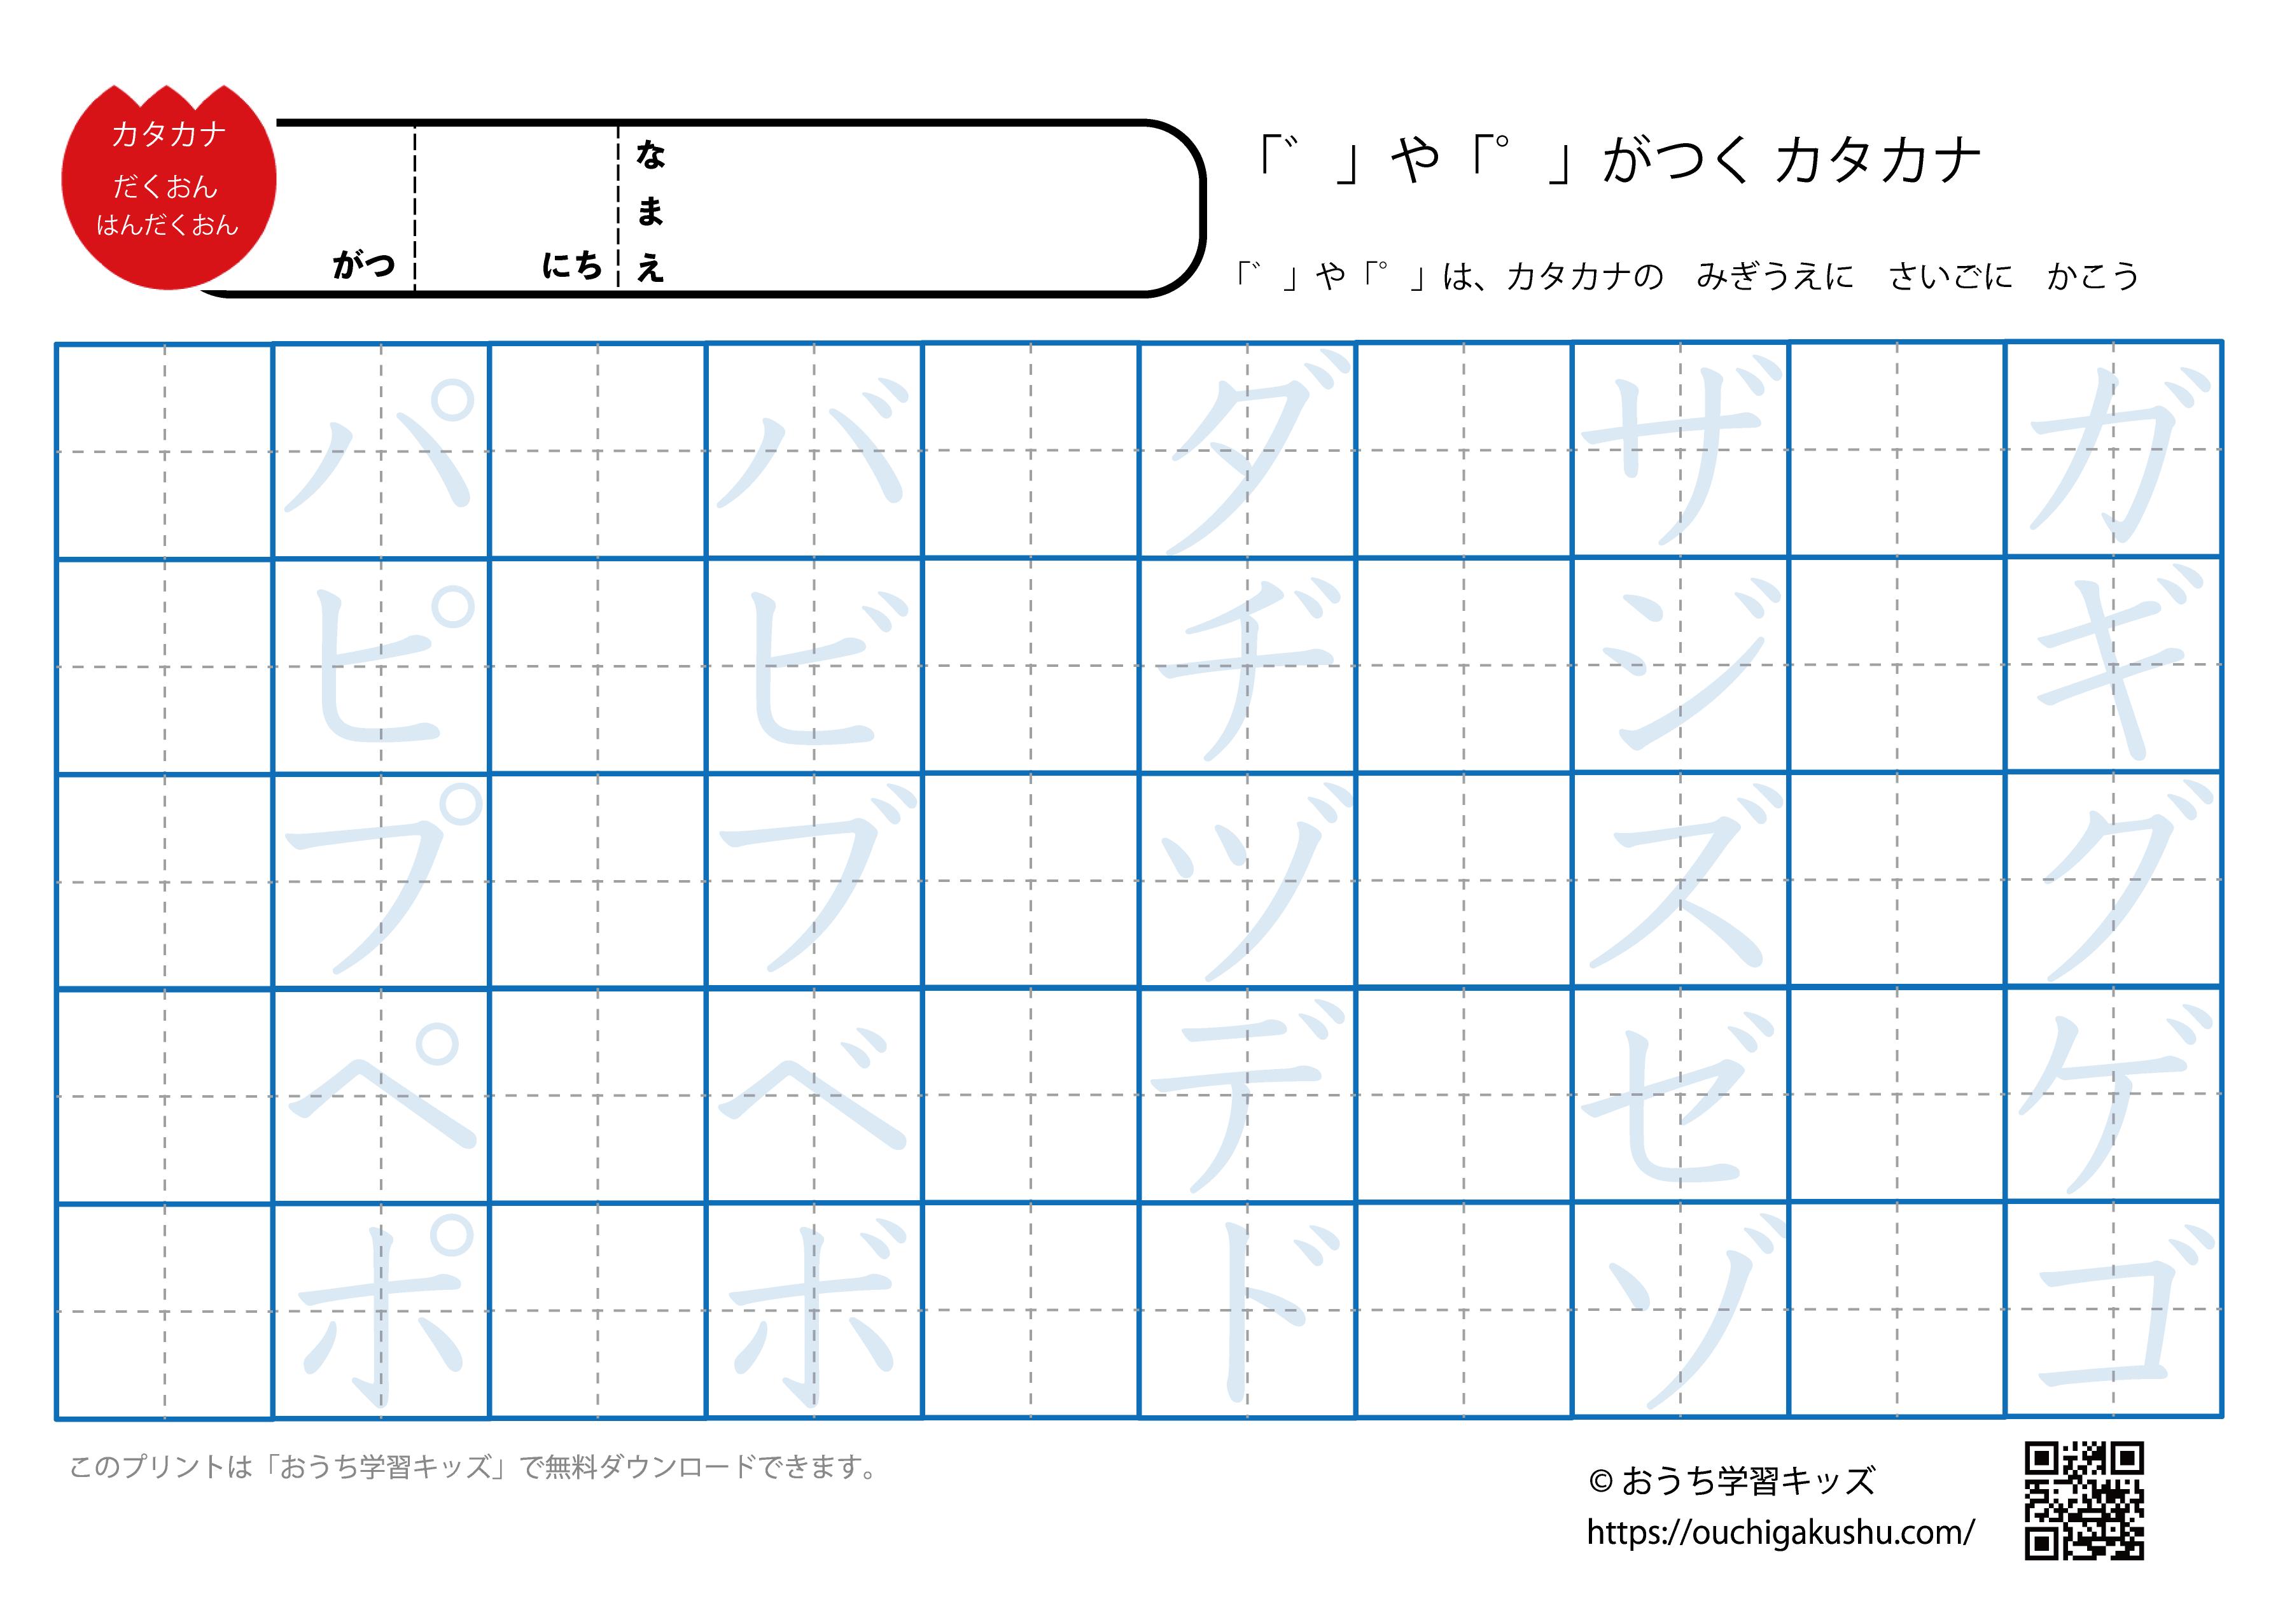 カタカナ練習プリント 濁音・半濁音2 なぞり書き(薄い文字)と空欄